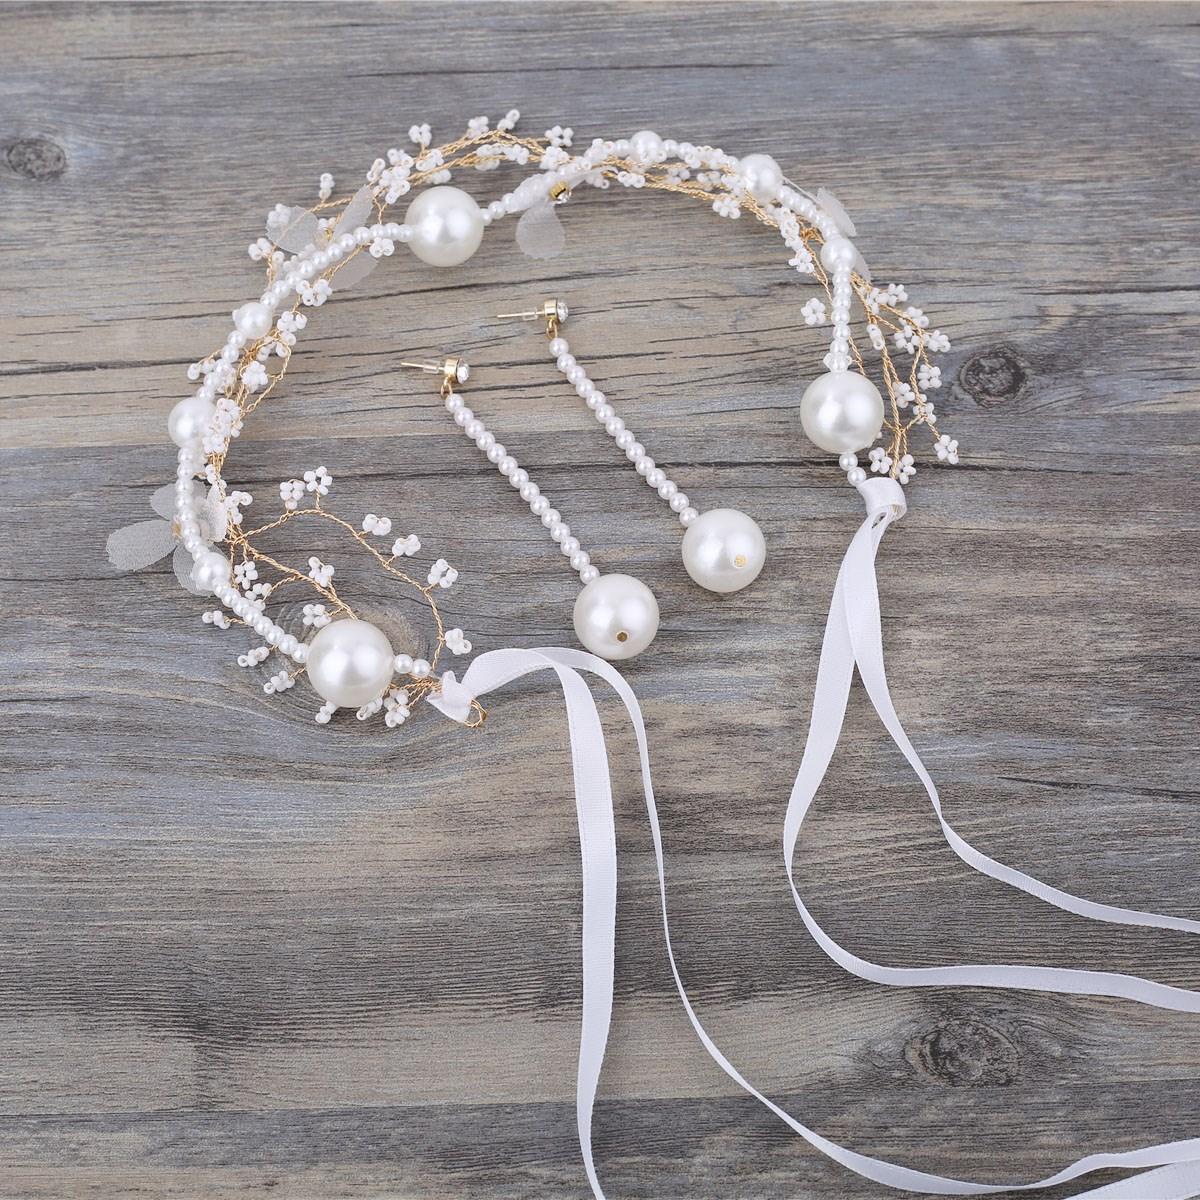 新娘头饰发带套装大气珍珠流苏耳环超仙韩式结婚发饰白色发箍配饰